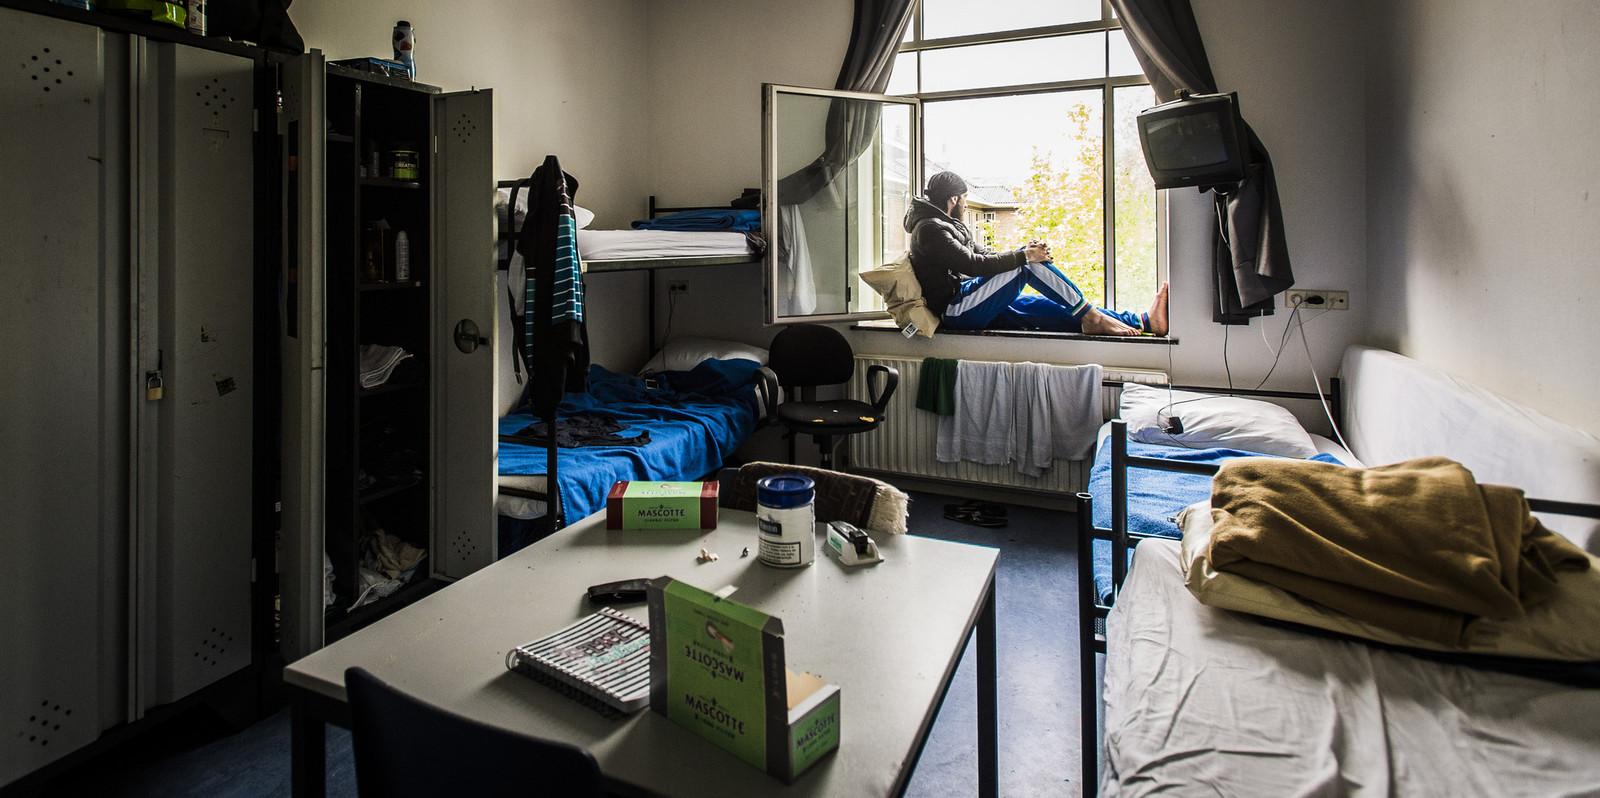 Een Syrische vluchteling zit in het raamkozijn van zijn kamer in het asielzoekerscentrum in Utrecht.